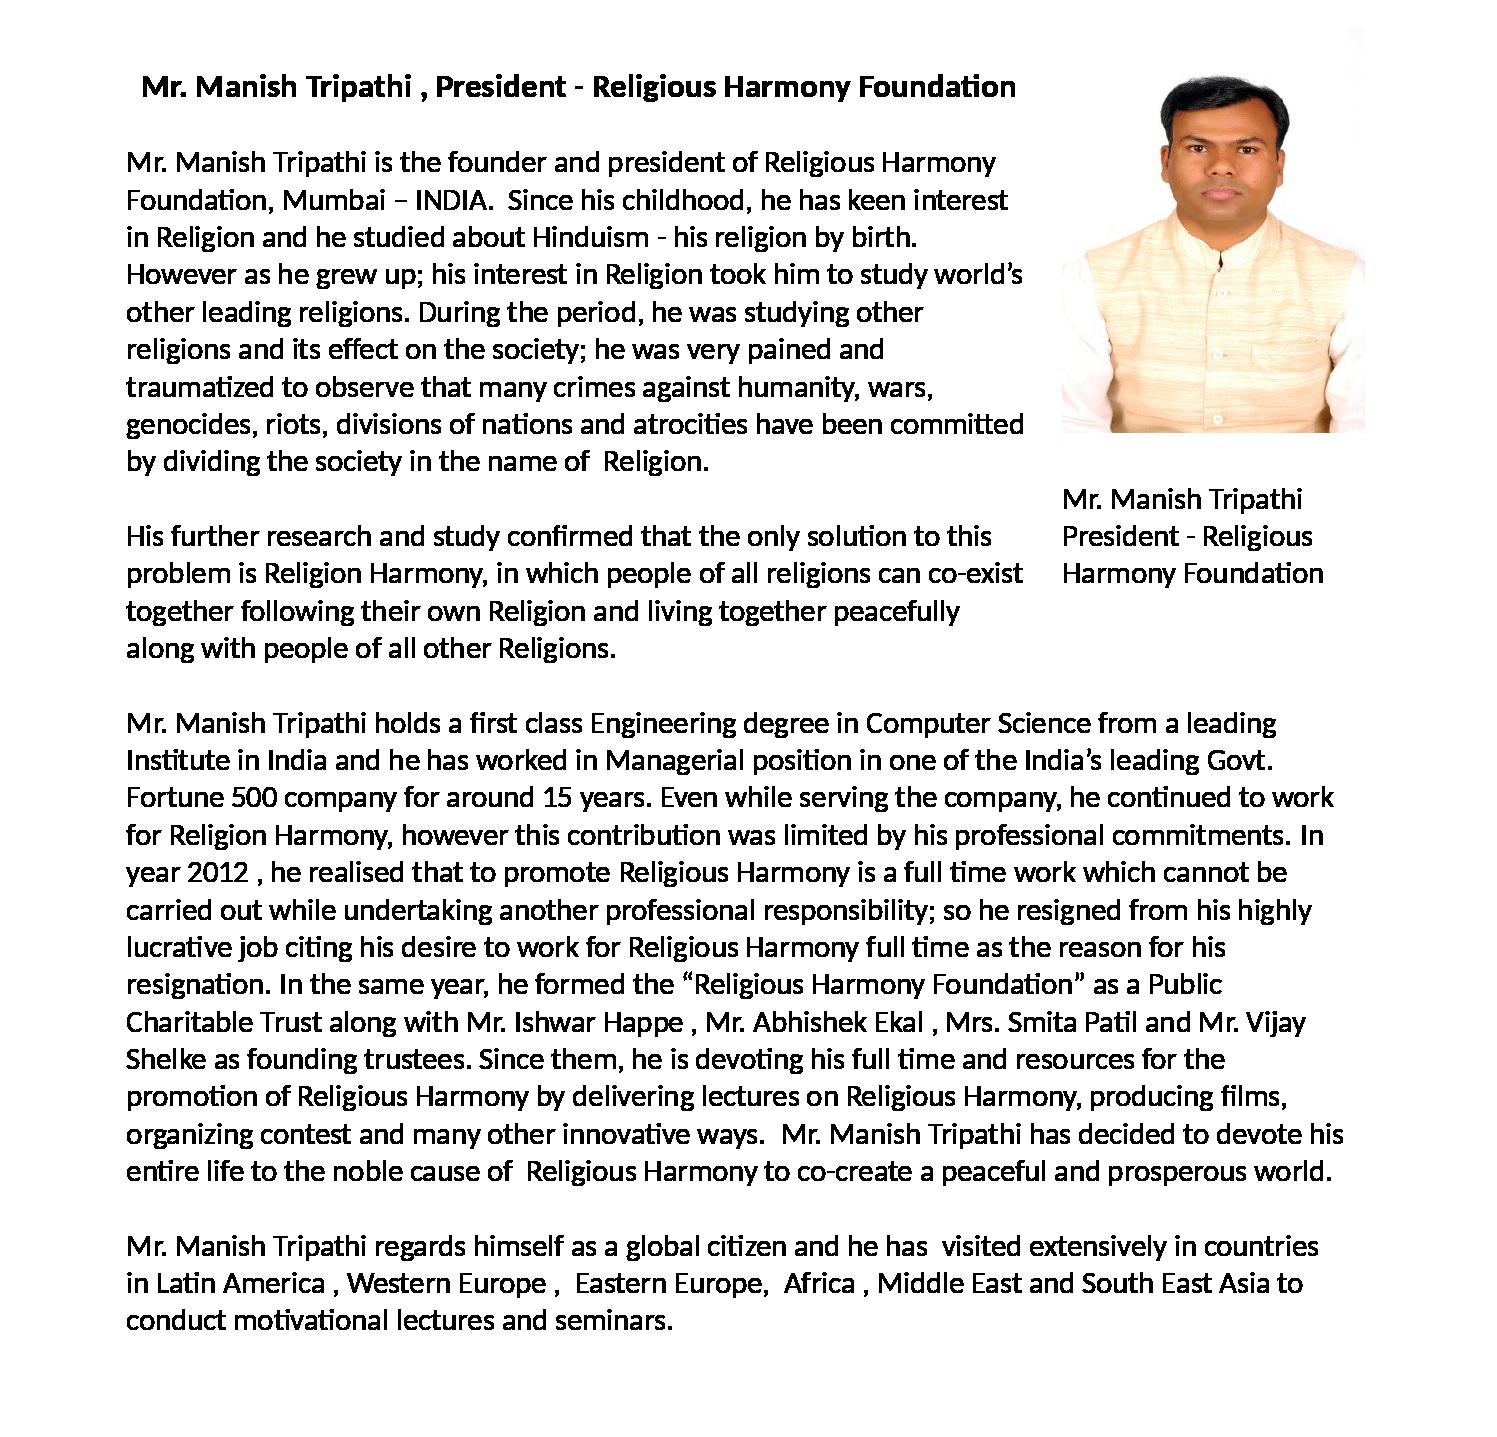 Mr.-Manish-Tripathi-President-Religious-Harmony-Foundation-Mumbai-INDIA.jpg